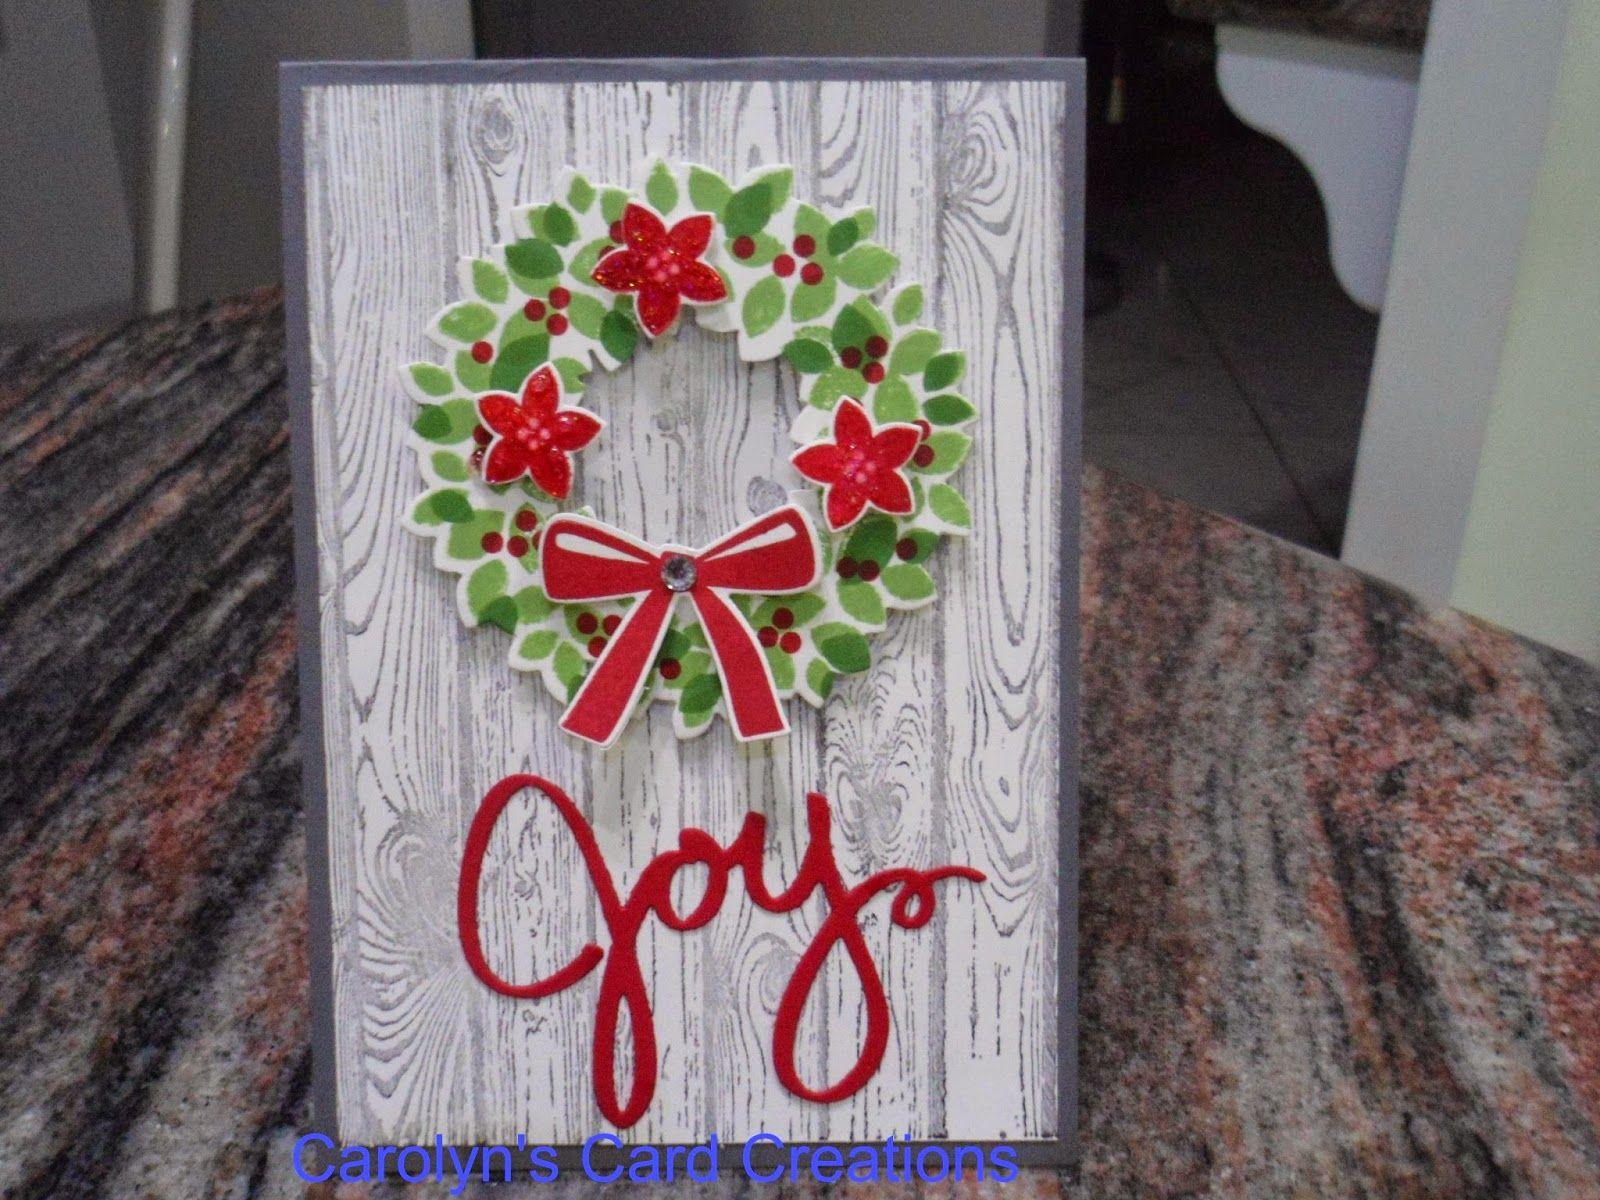 Carolyn's Card Creations: Wonderous Wreath Holiday Sneak Peek